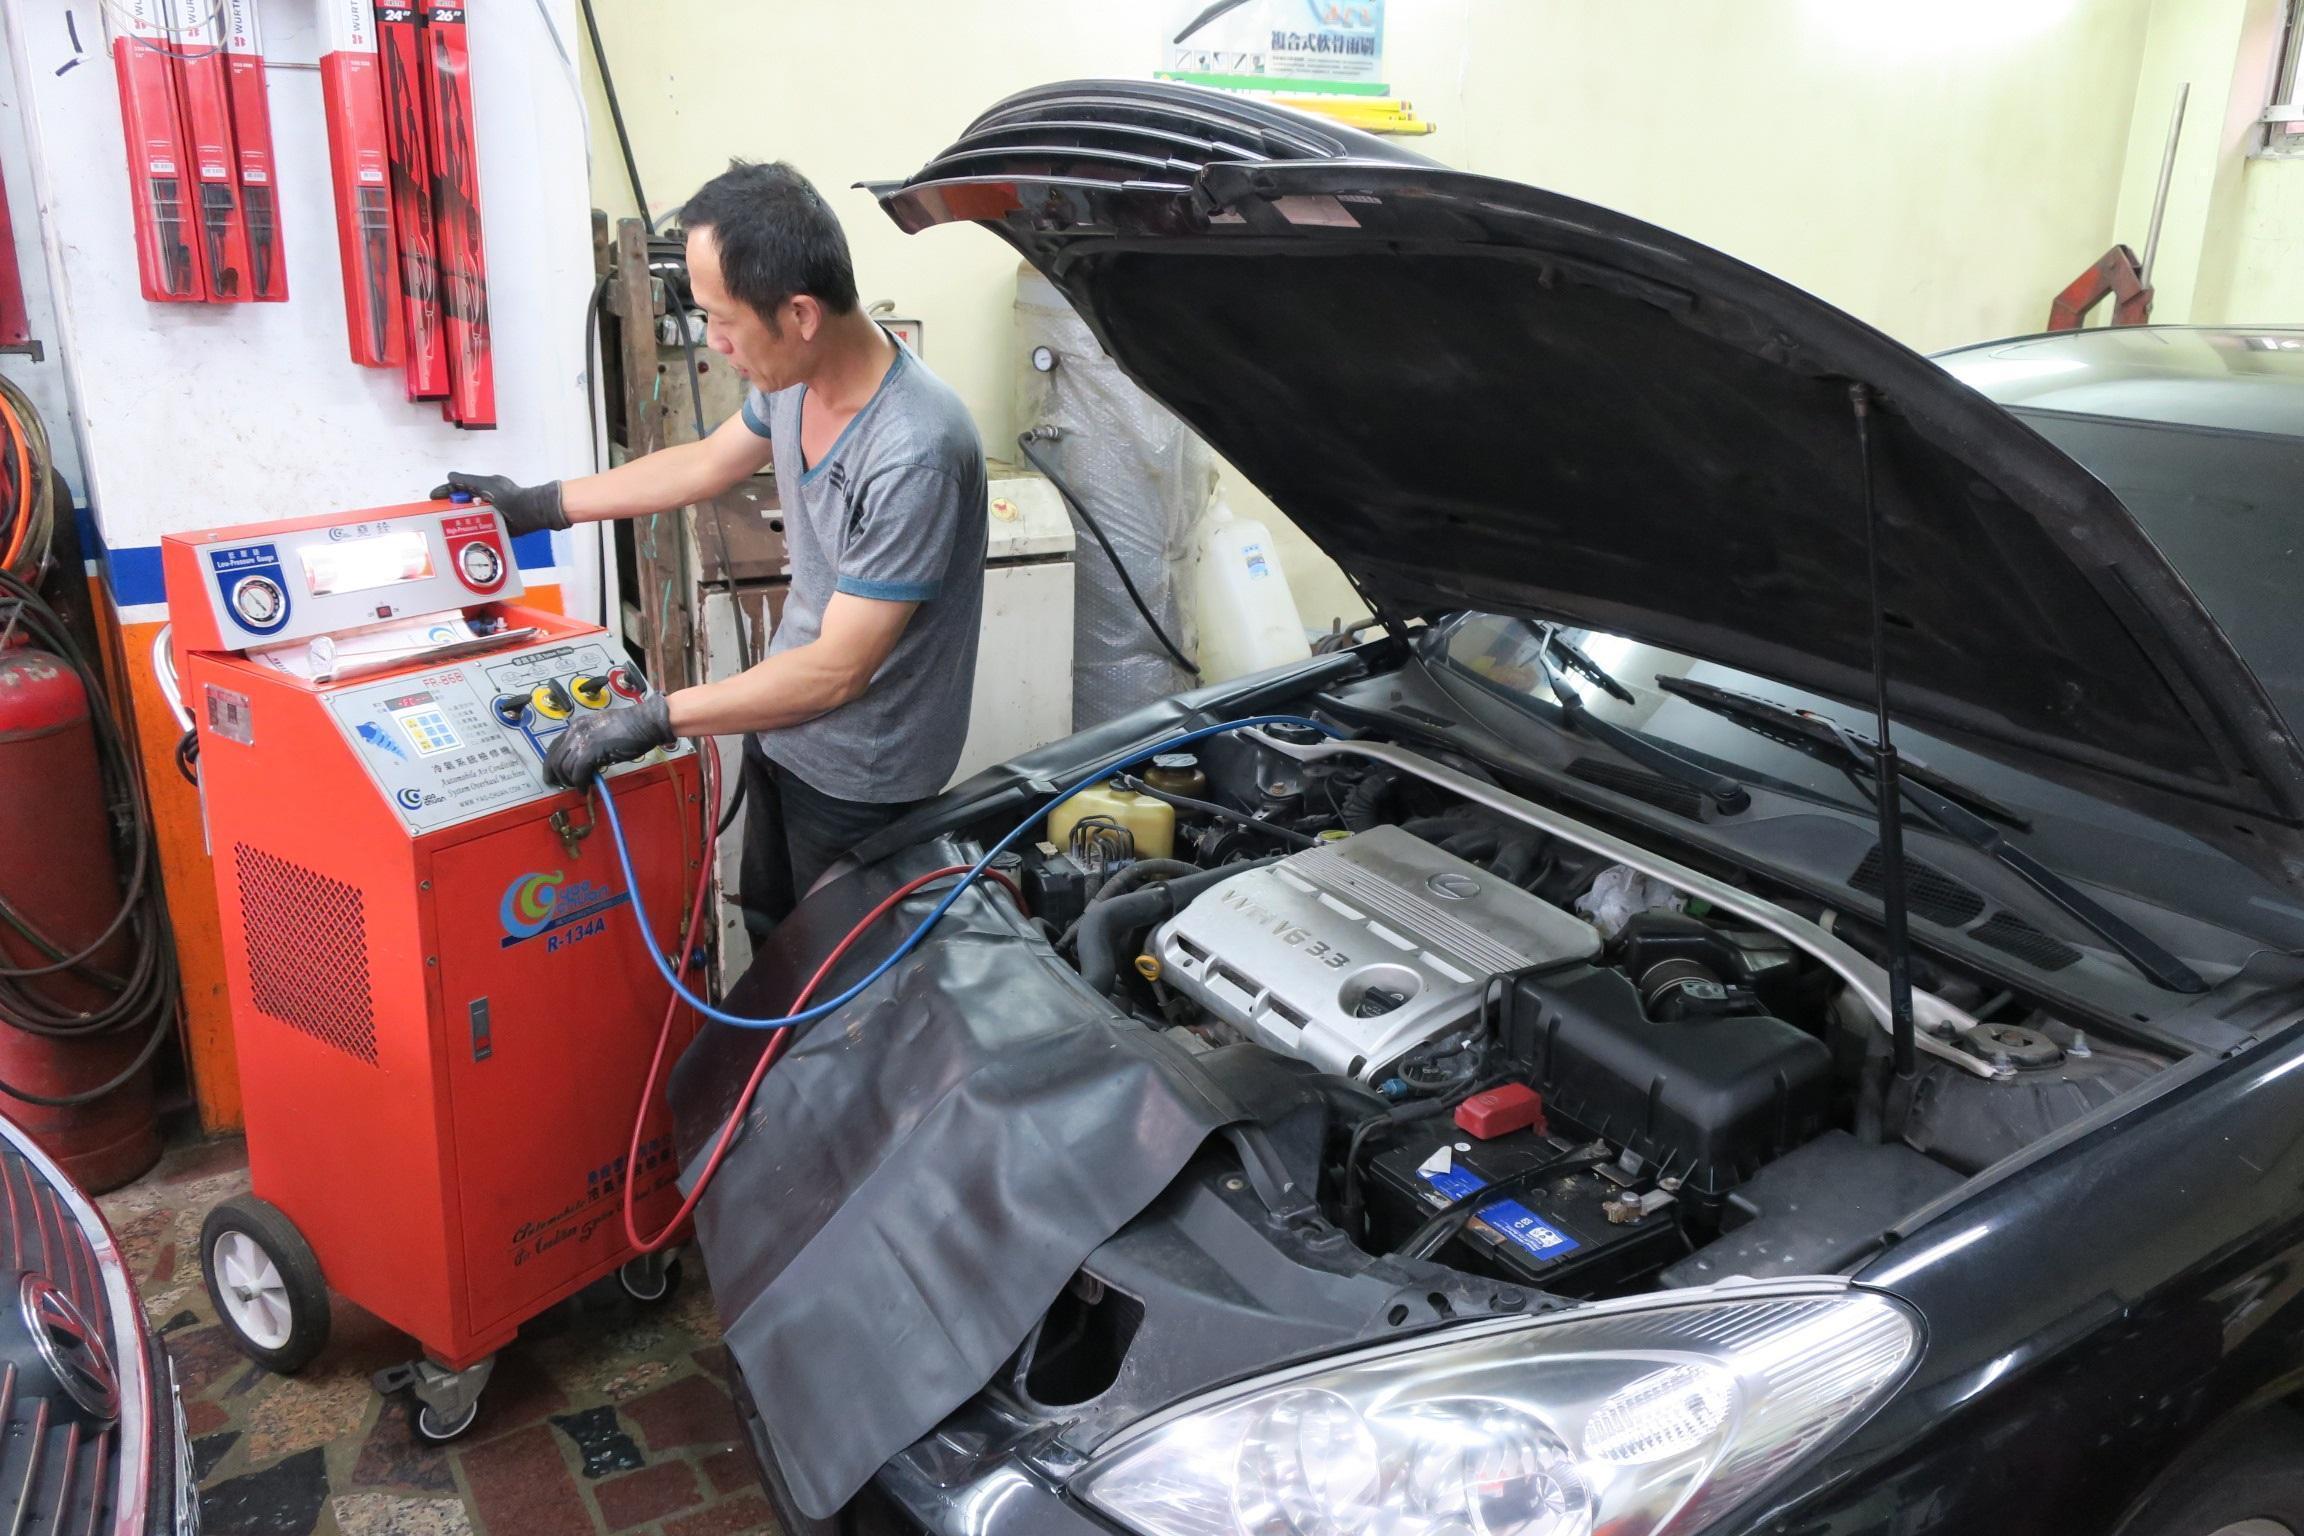 冷氣系統檢修清洗施工情況。